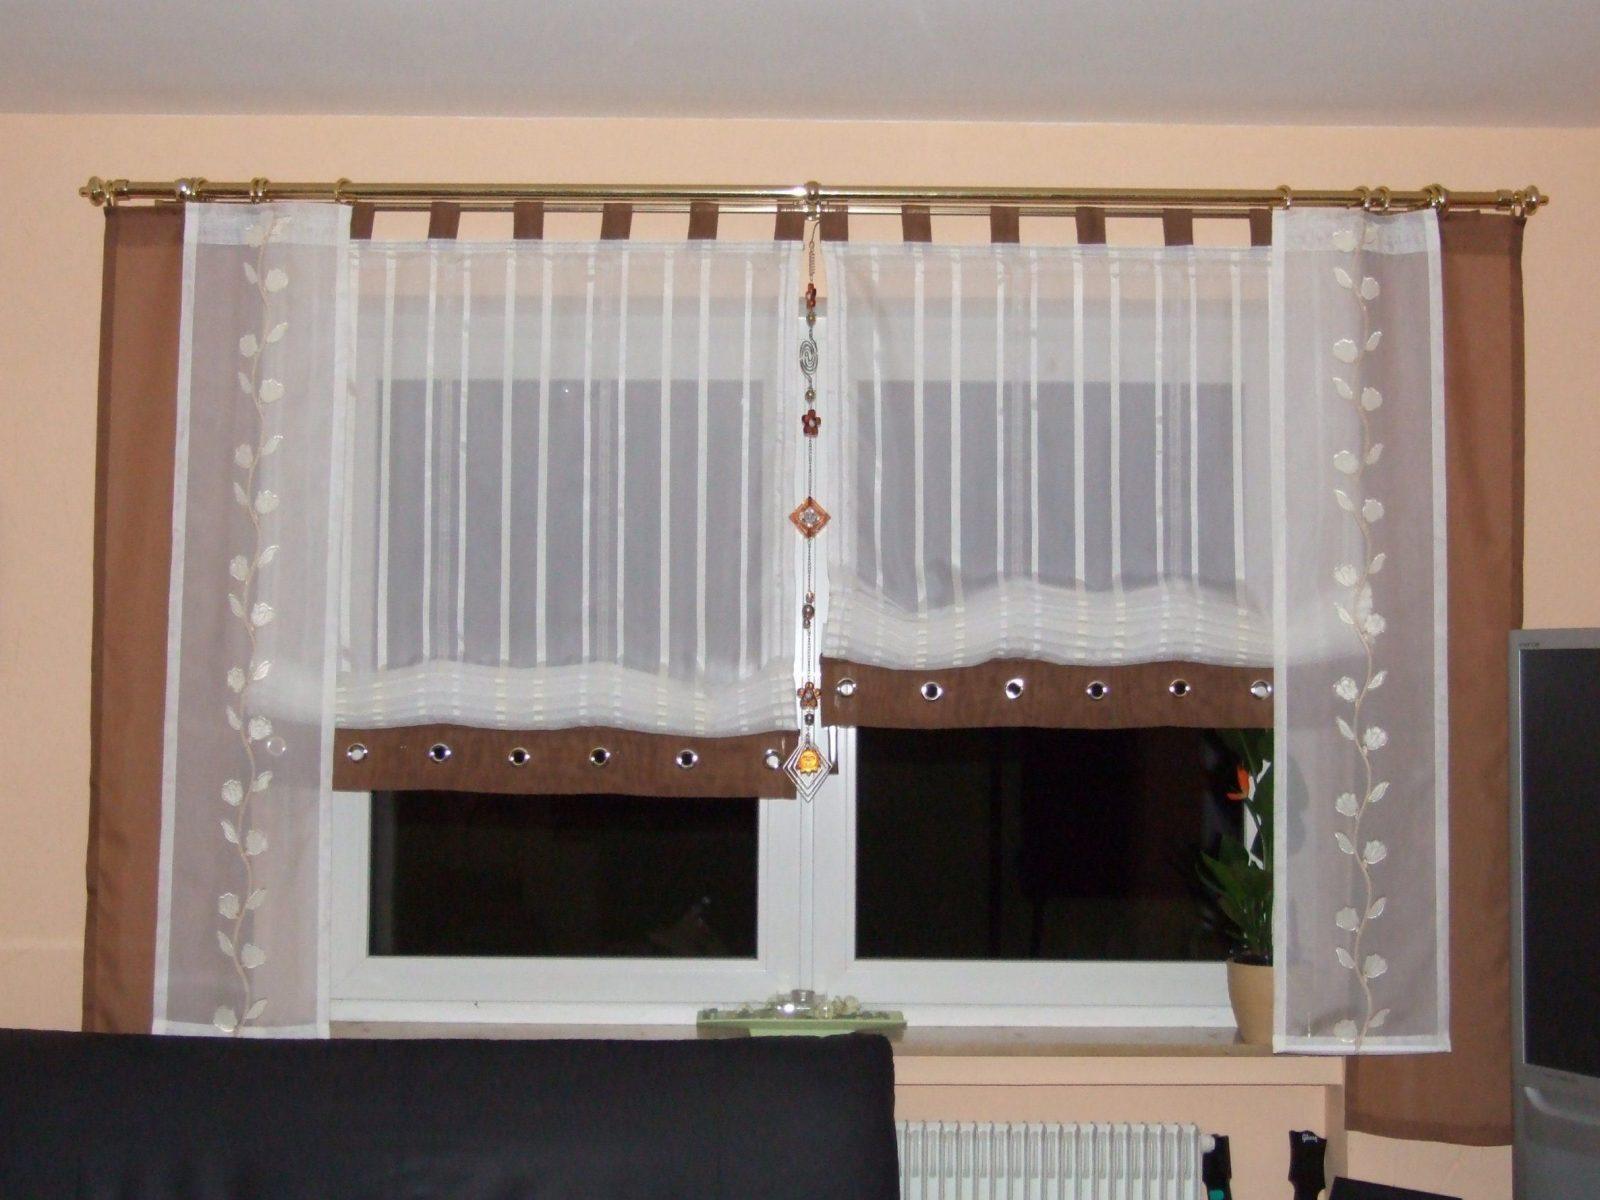 Best Of Best Gardinen Ideen Wohnzimmer Modern Contemporary – Homemaison von Gardinen Ideen Wohnzimmer Modern Bild